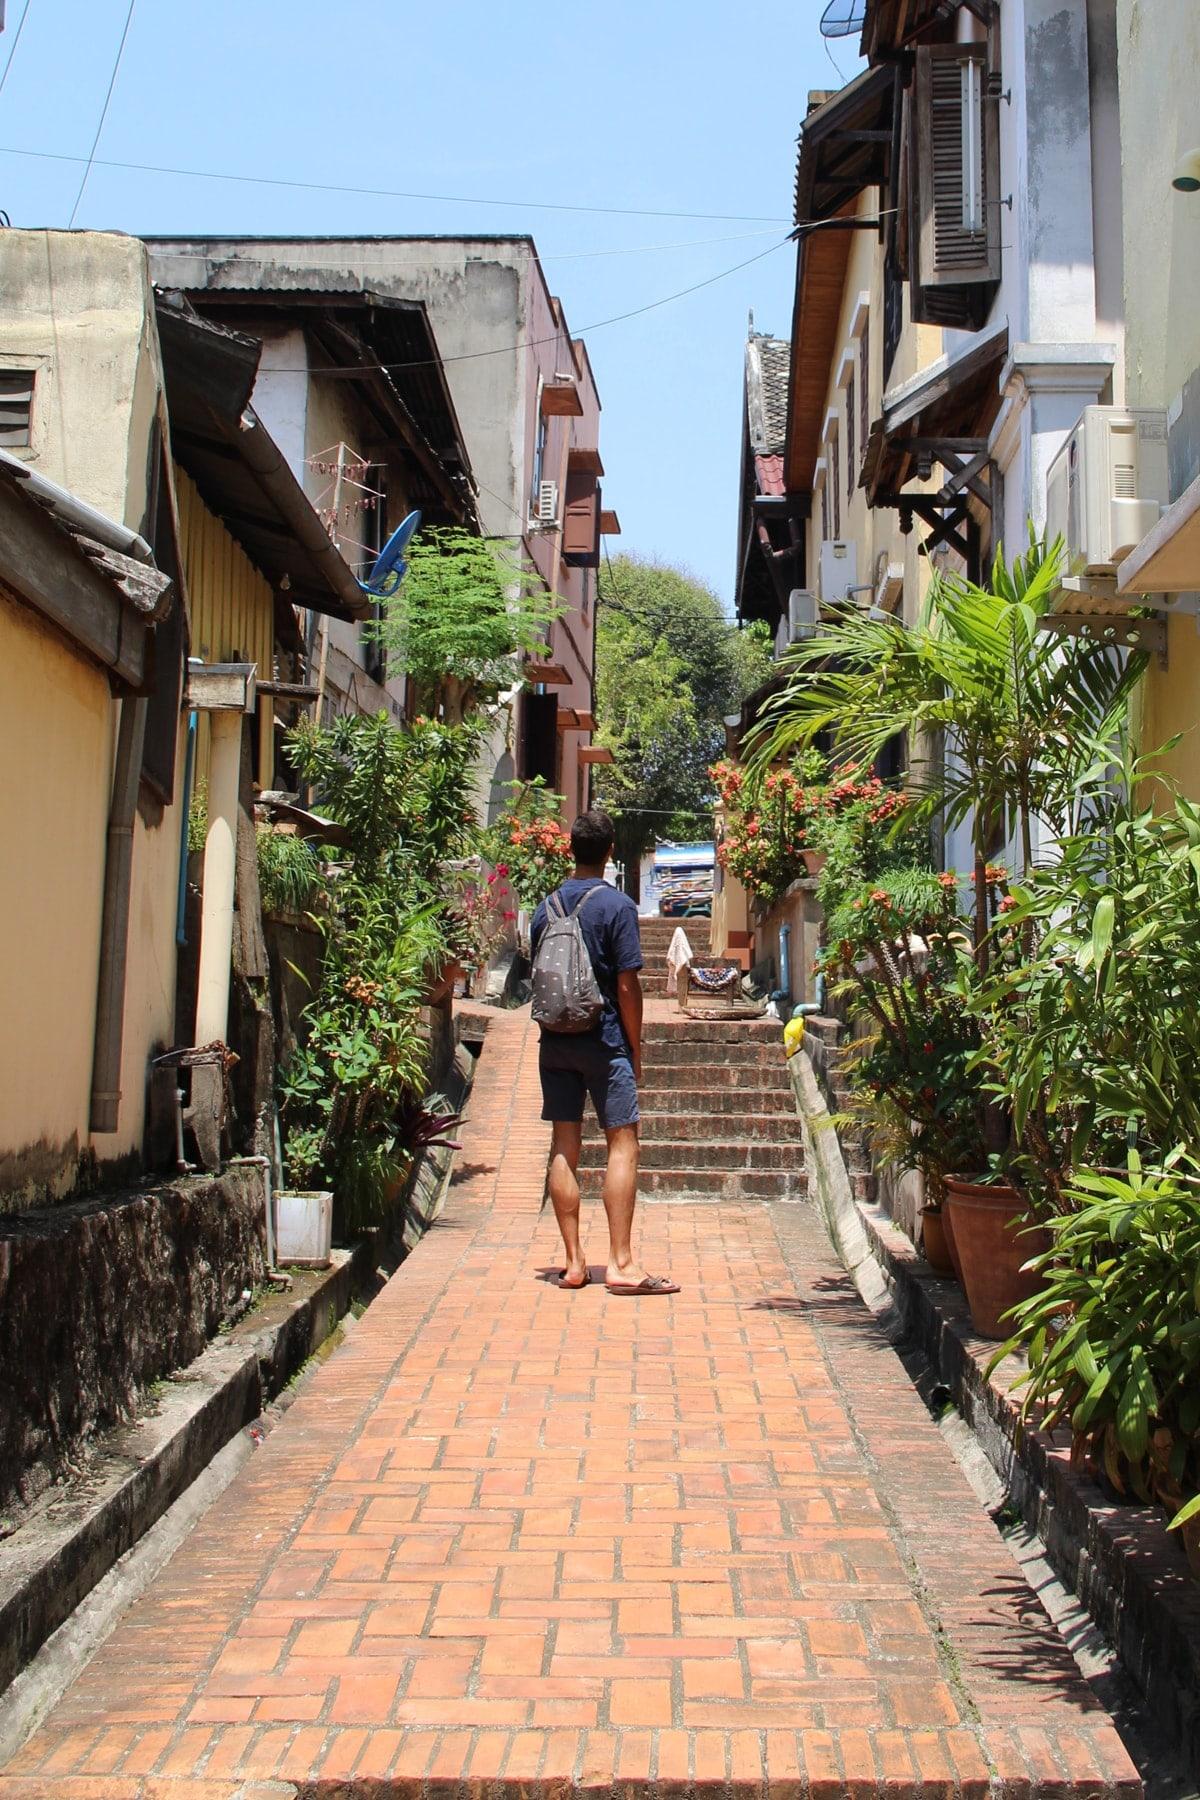 Street of Luang Prabang